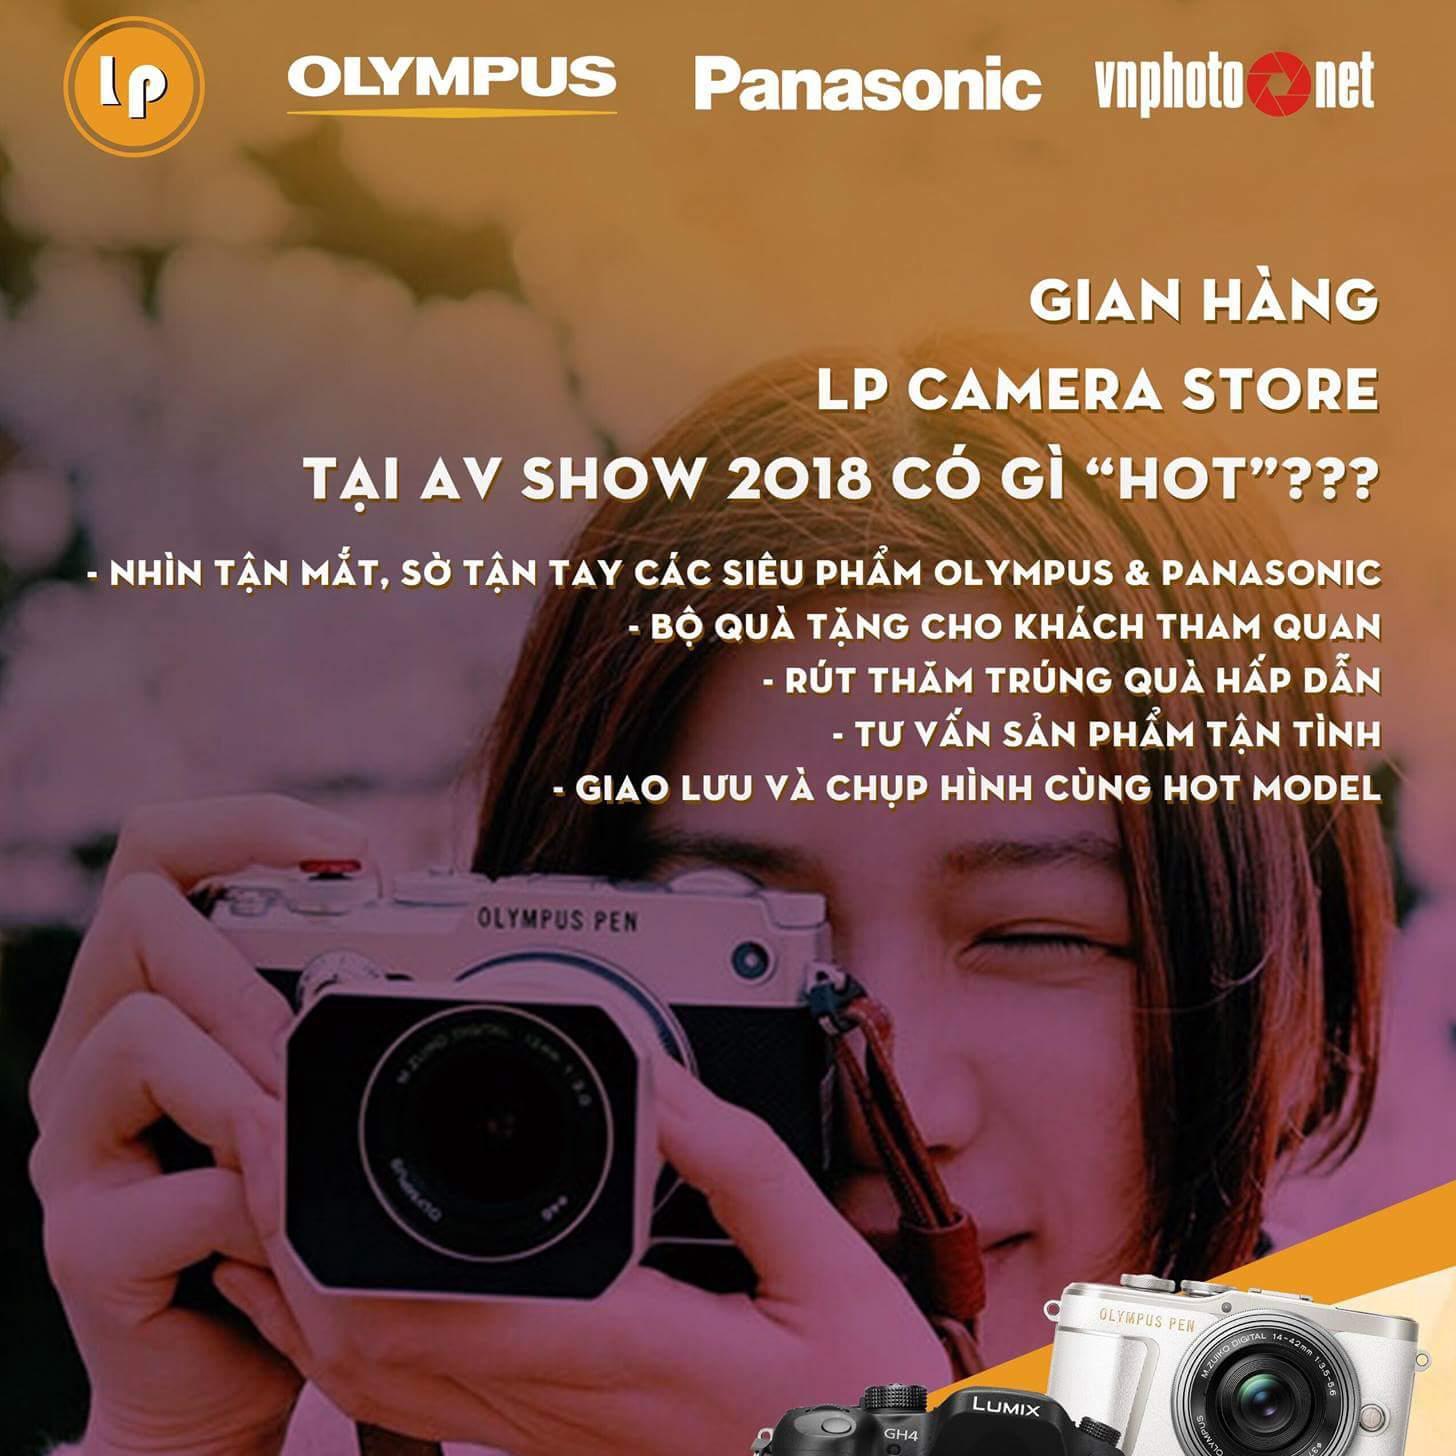 AV Show 2018 có gì HOT tại gian hàng LP Camera Store?